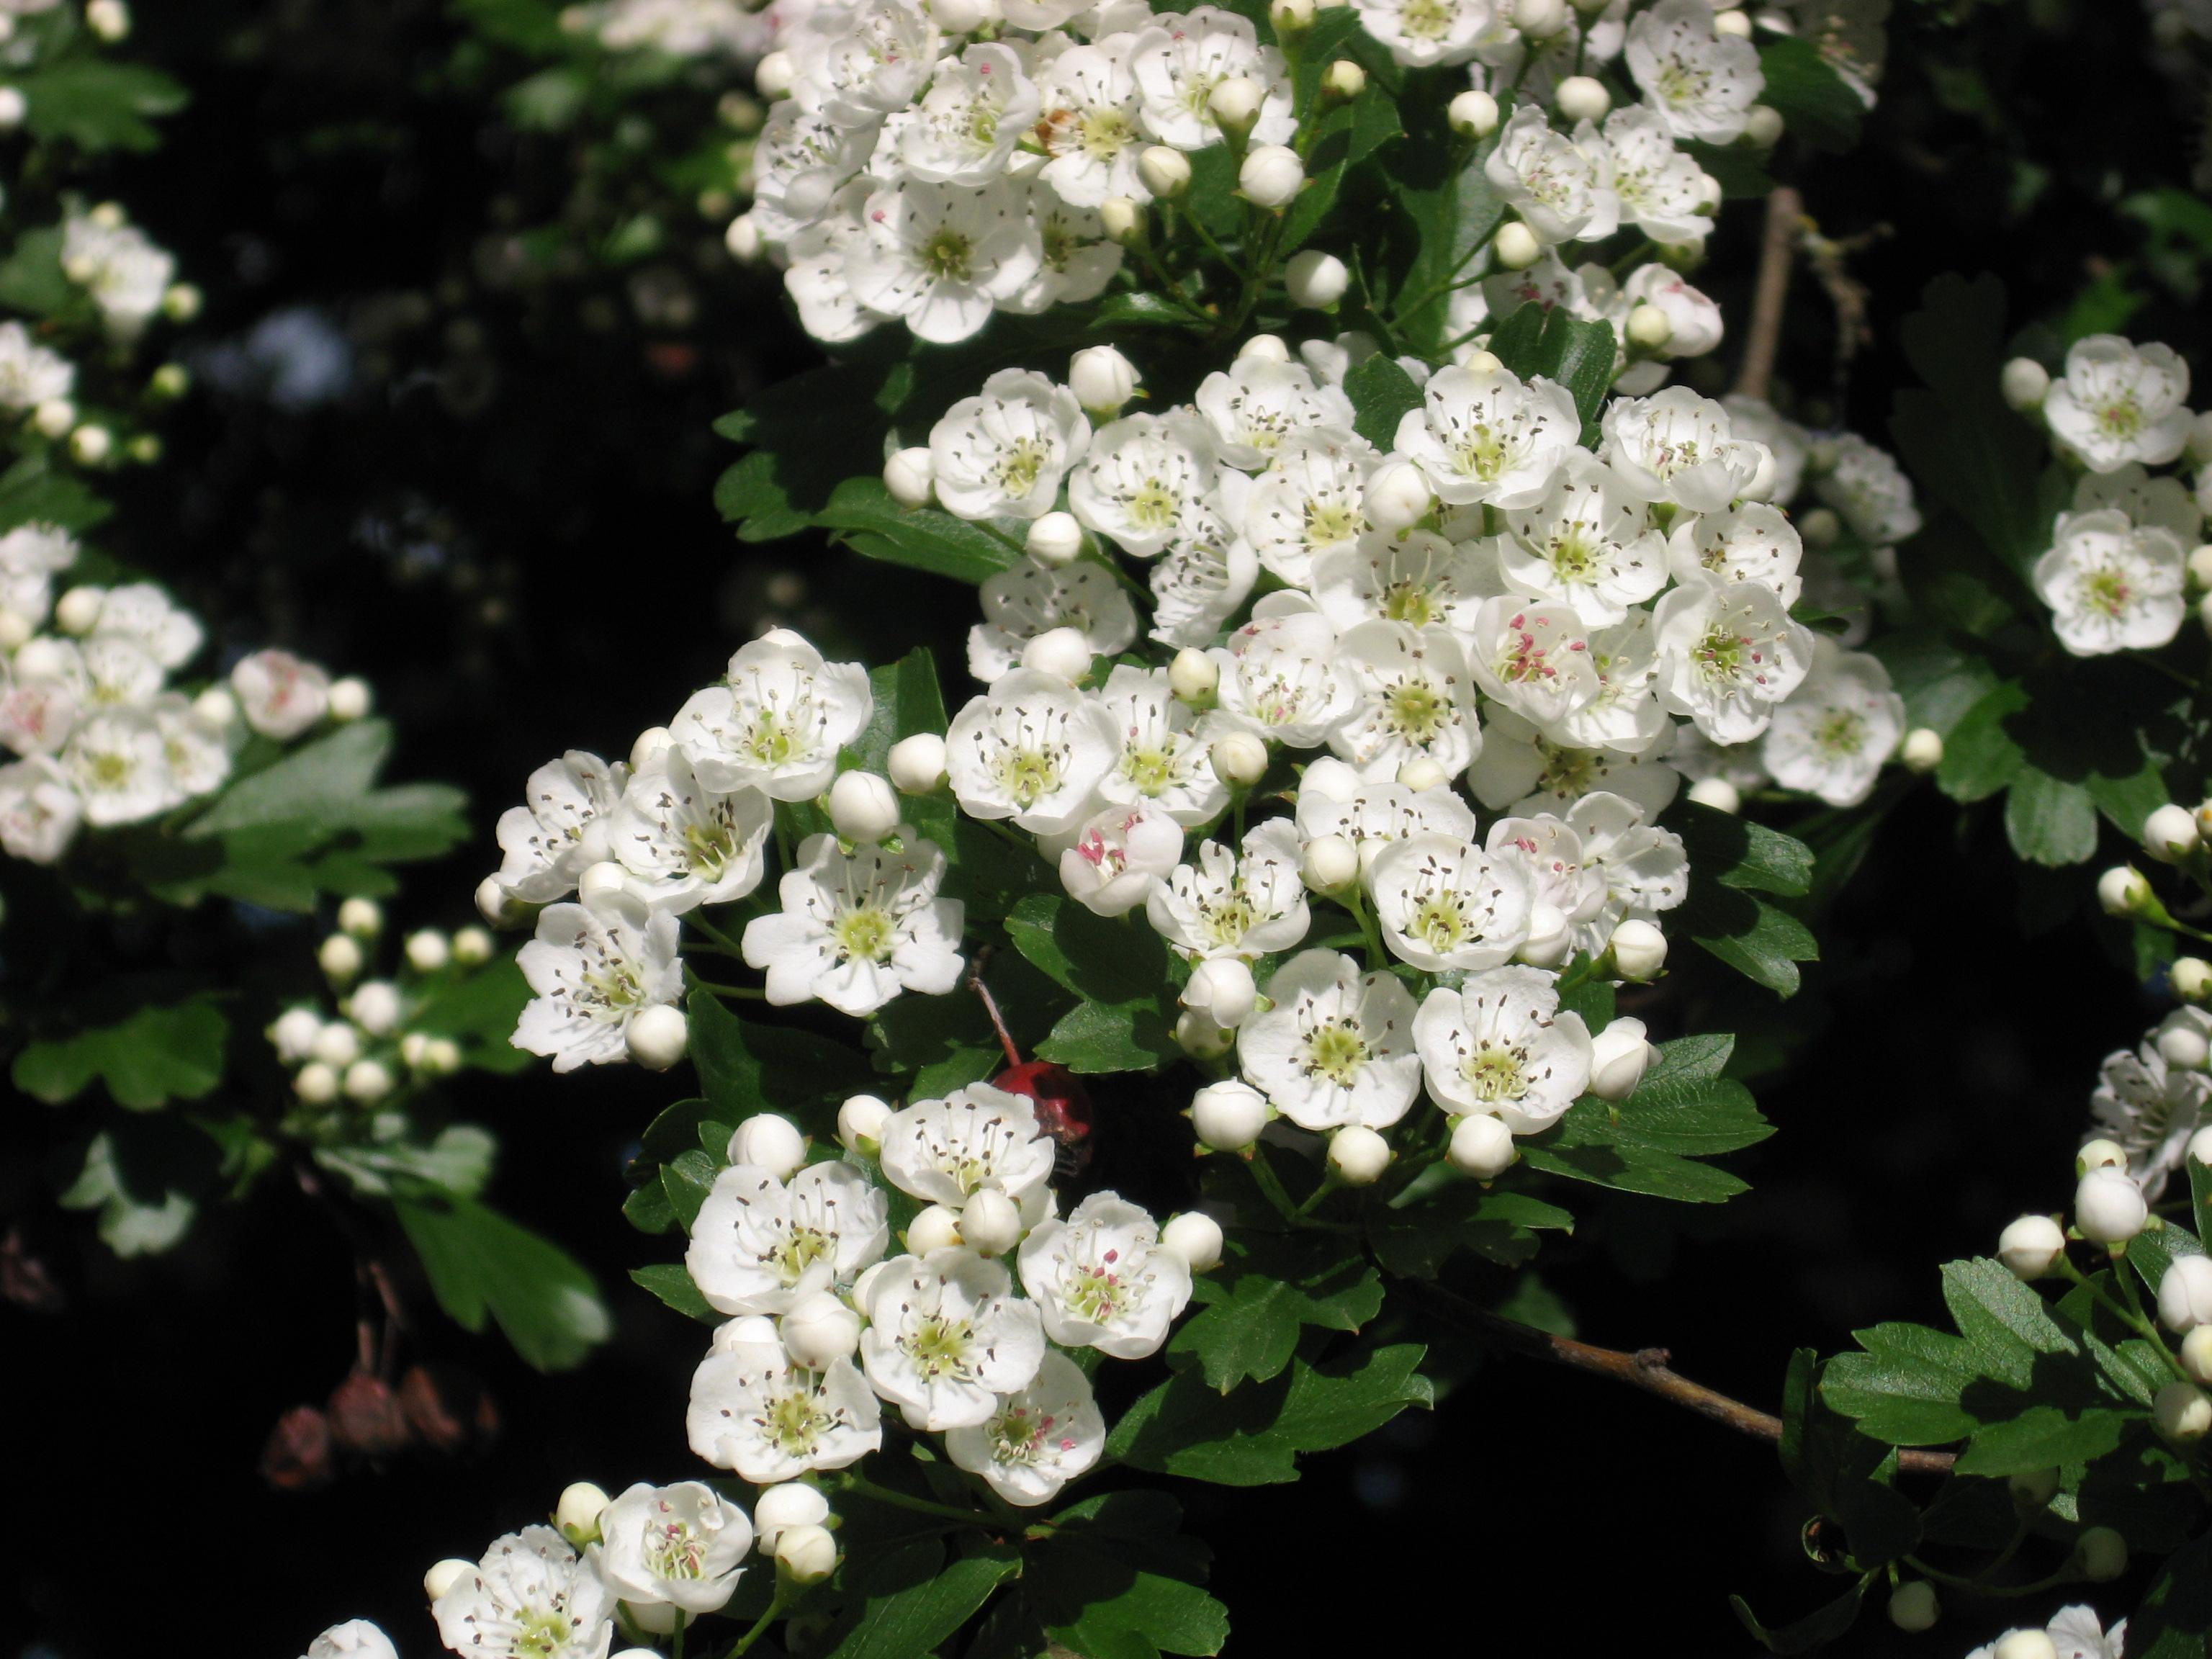 Free Photo Flowers White Thorn White Thorn Green Non